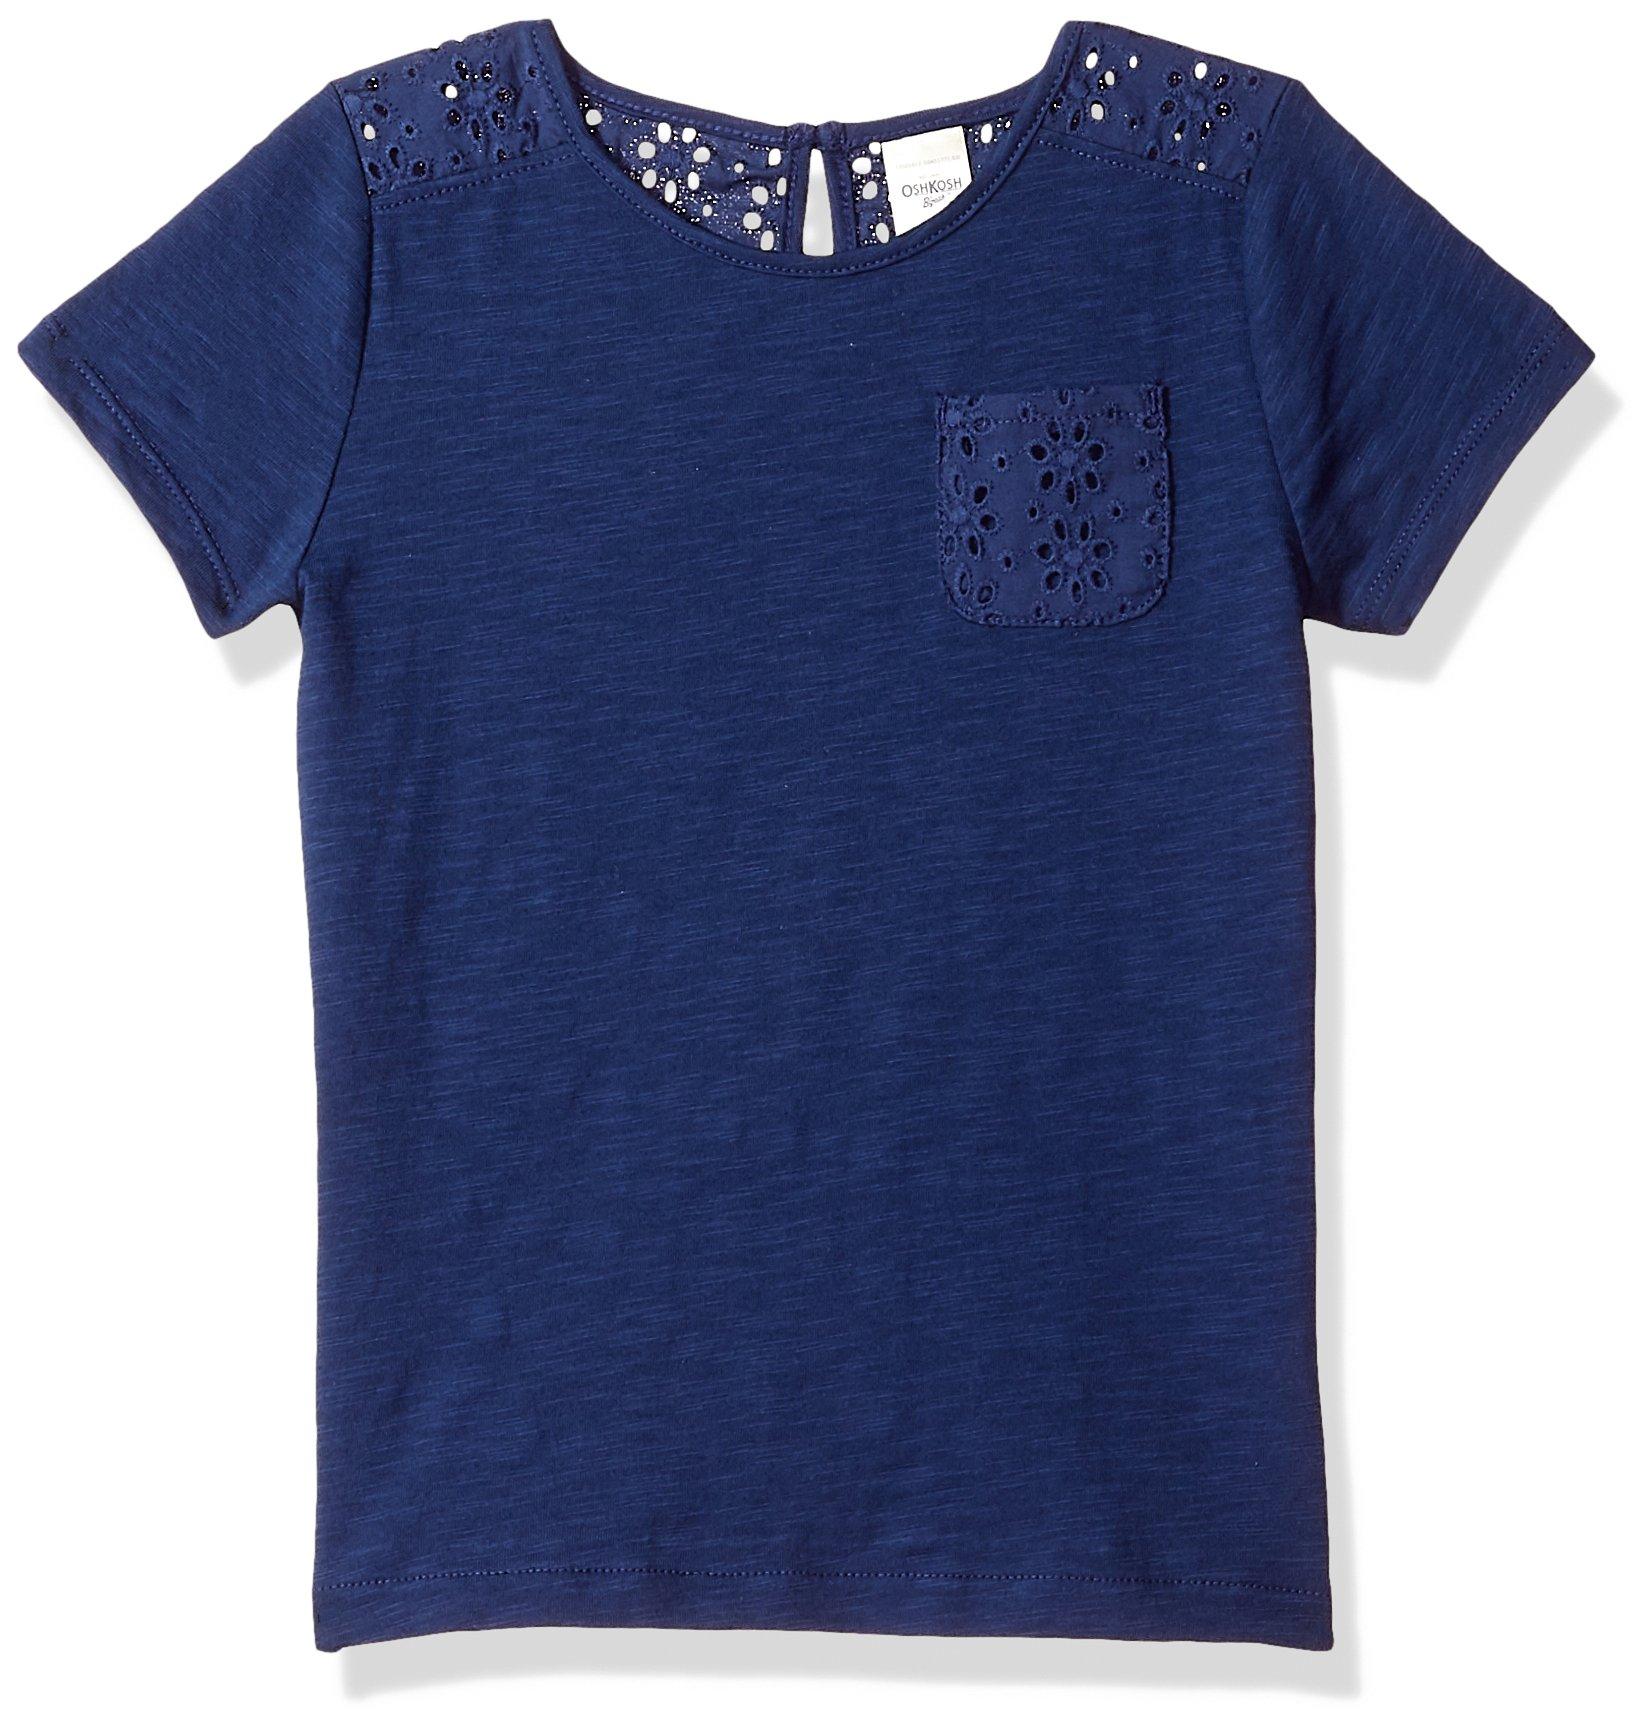 Osh Kosh Girls' Kids Fashion Tops, Indigo Blue, 4-5